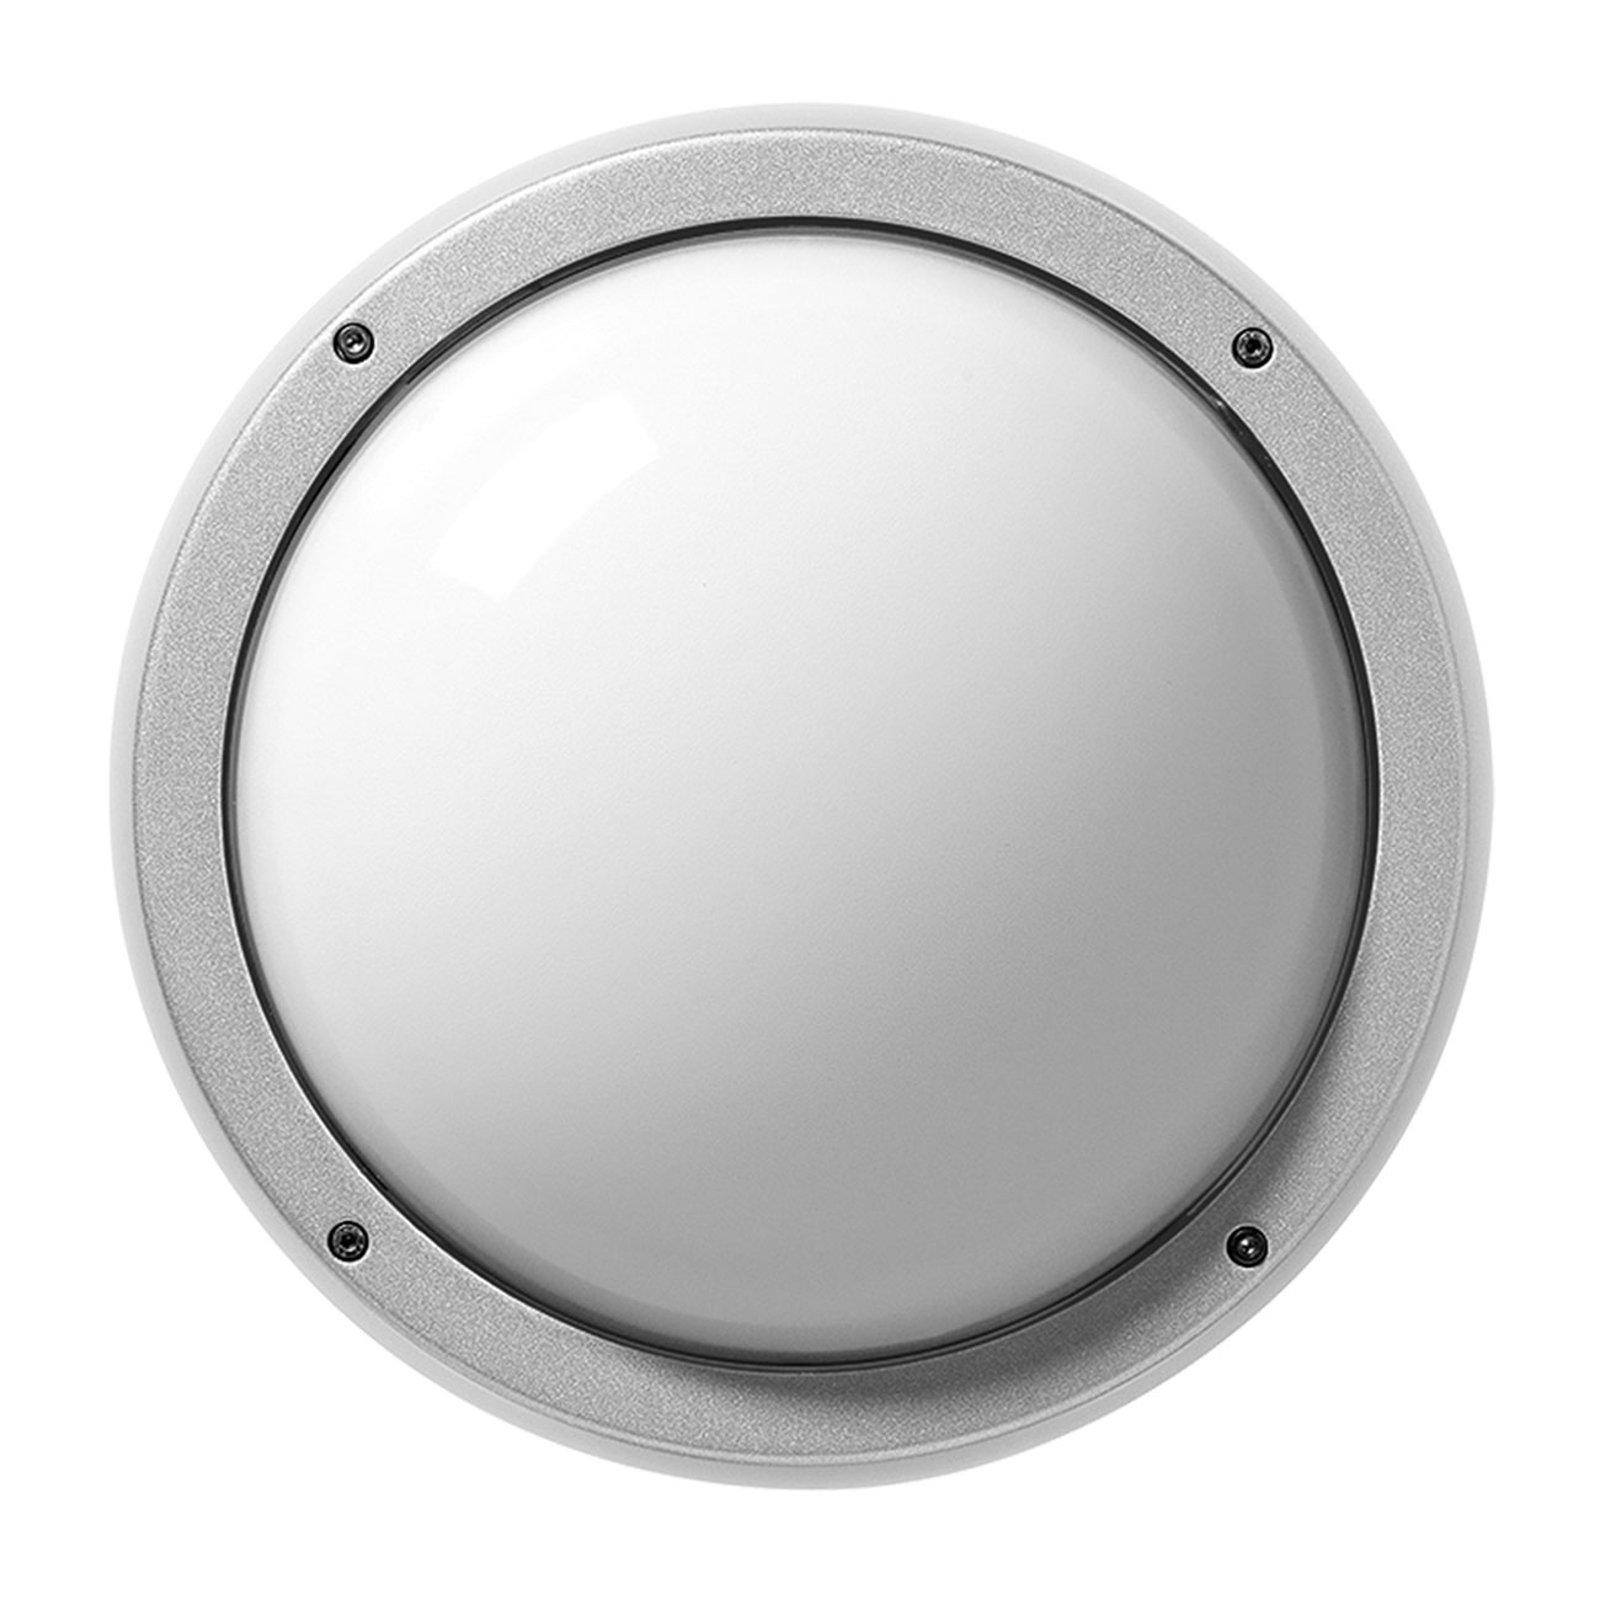 LED-vegglampe Eko+26 LED, 3 000 K, hvit